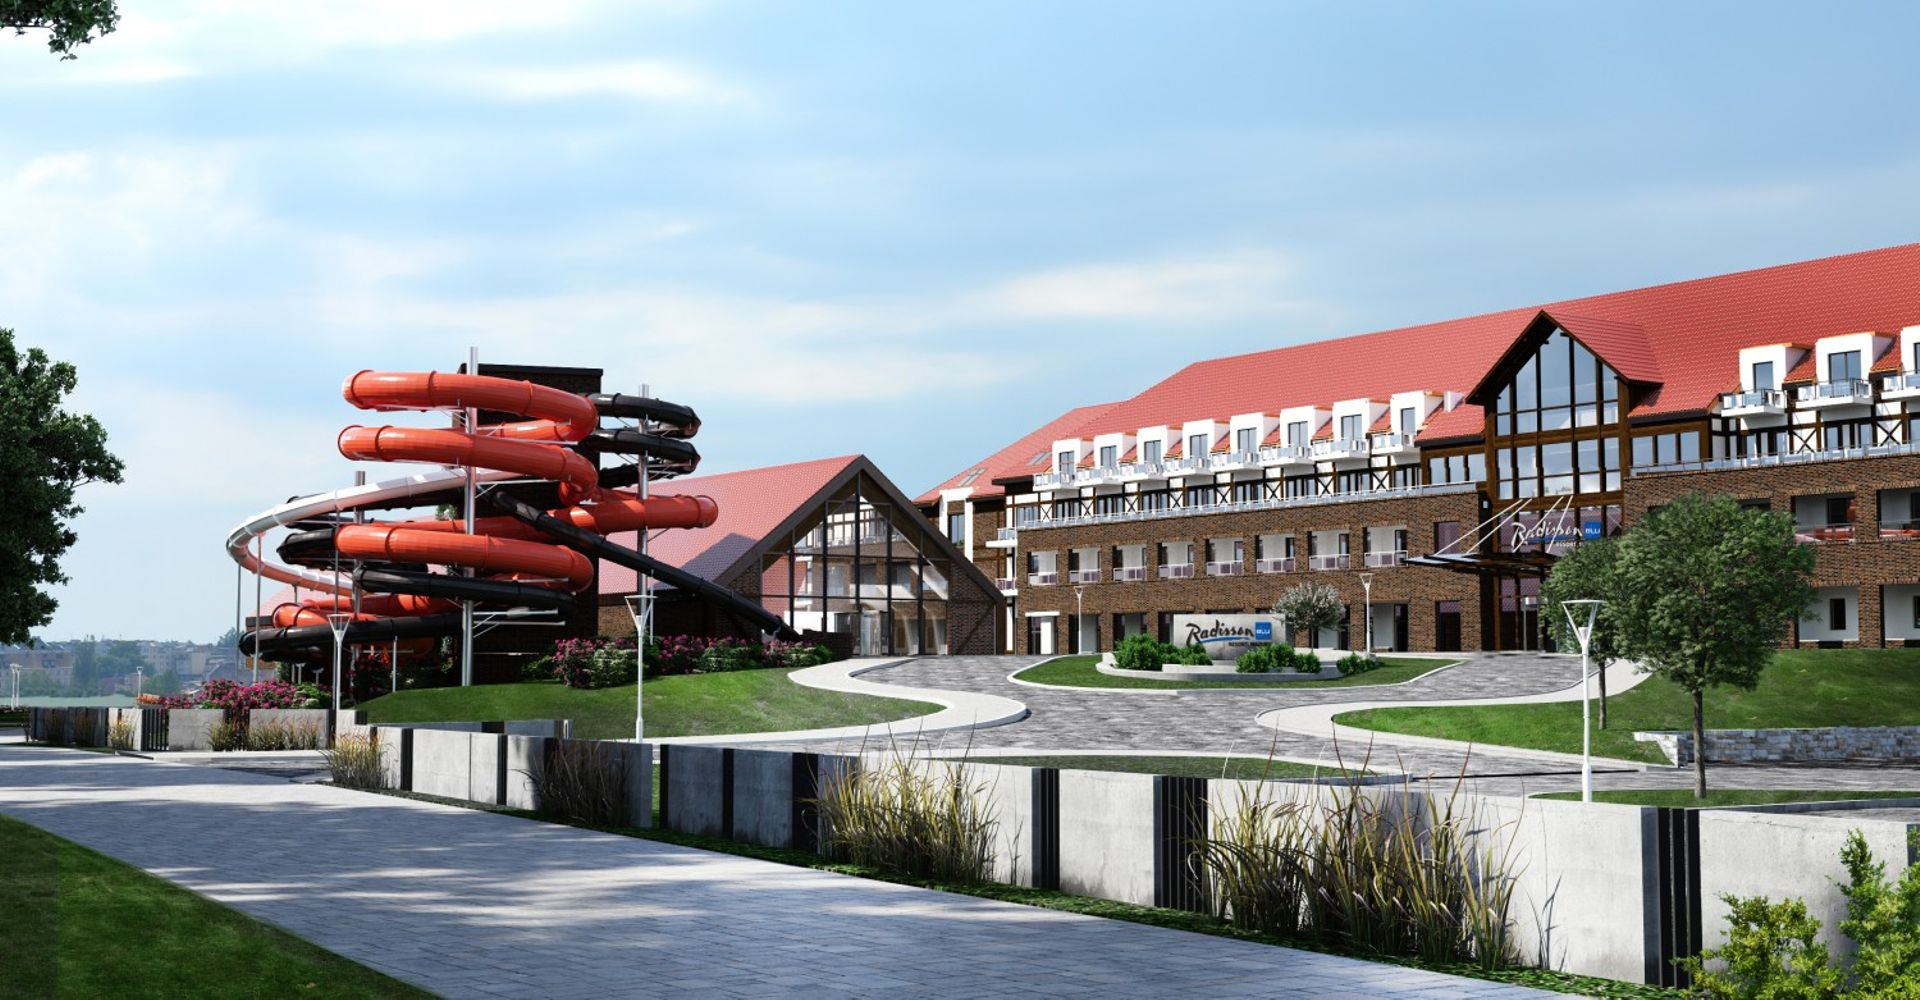 [warmińsko-mazurskie] Nowy hotel Radisson Blu Resort stanie w Ostródzie